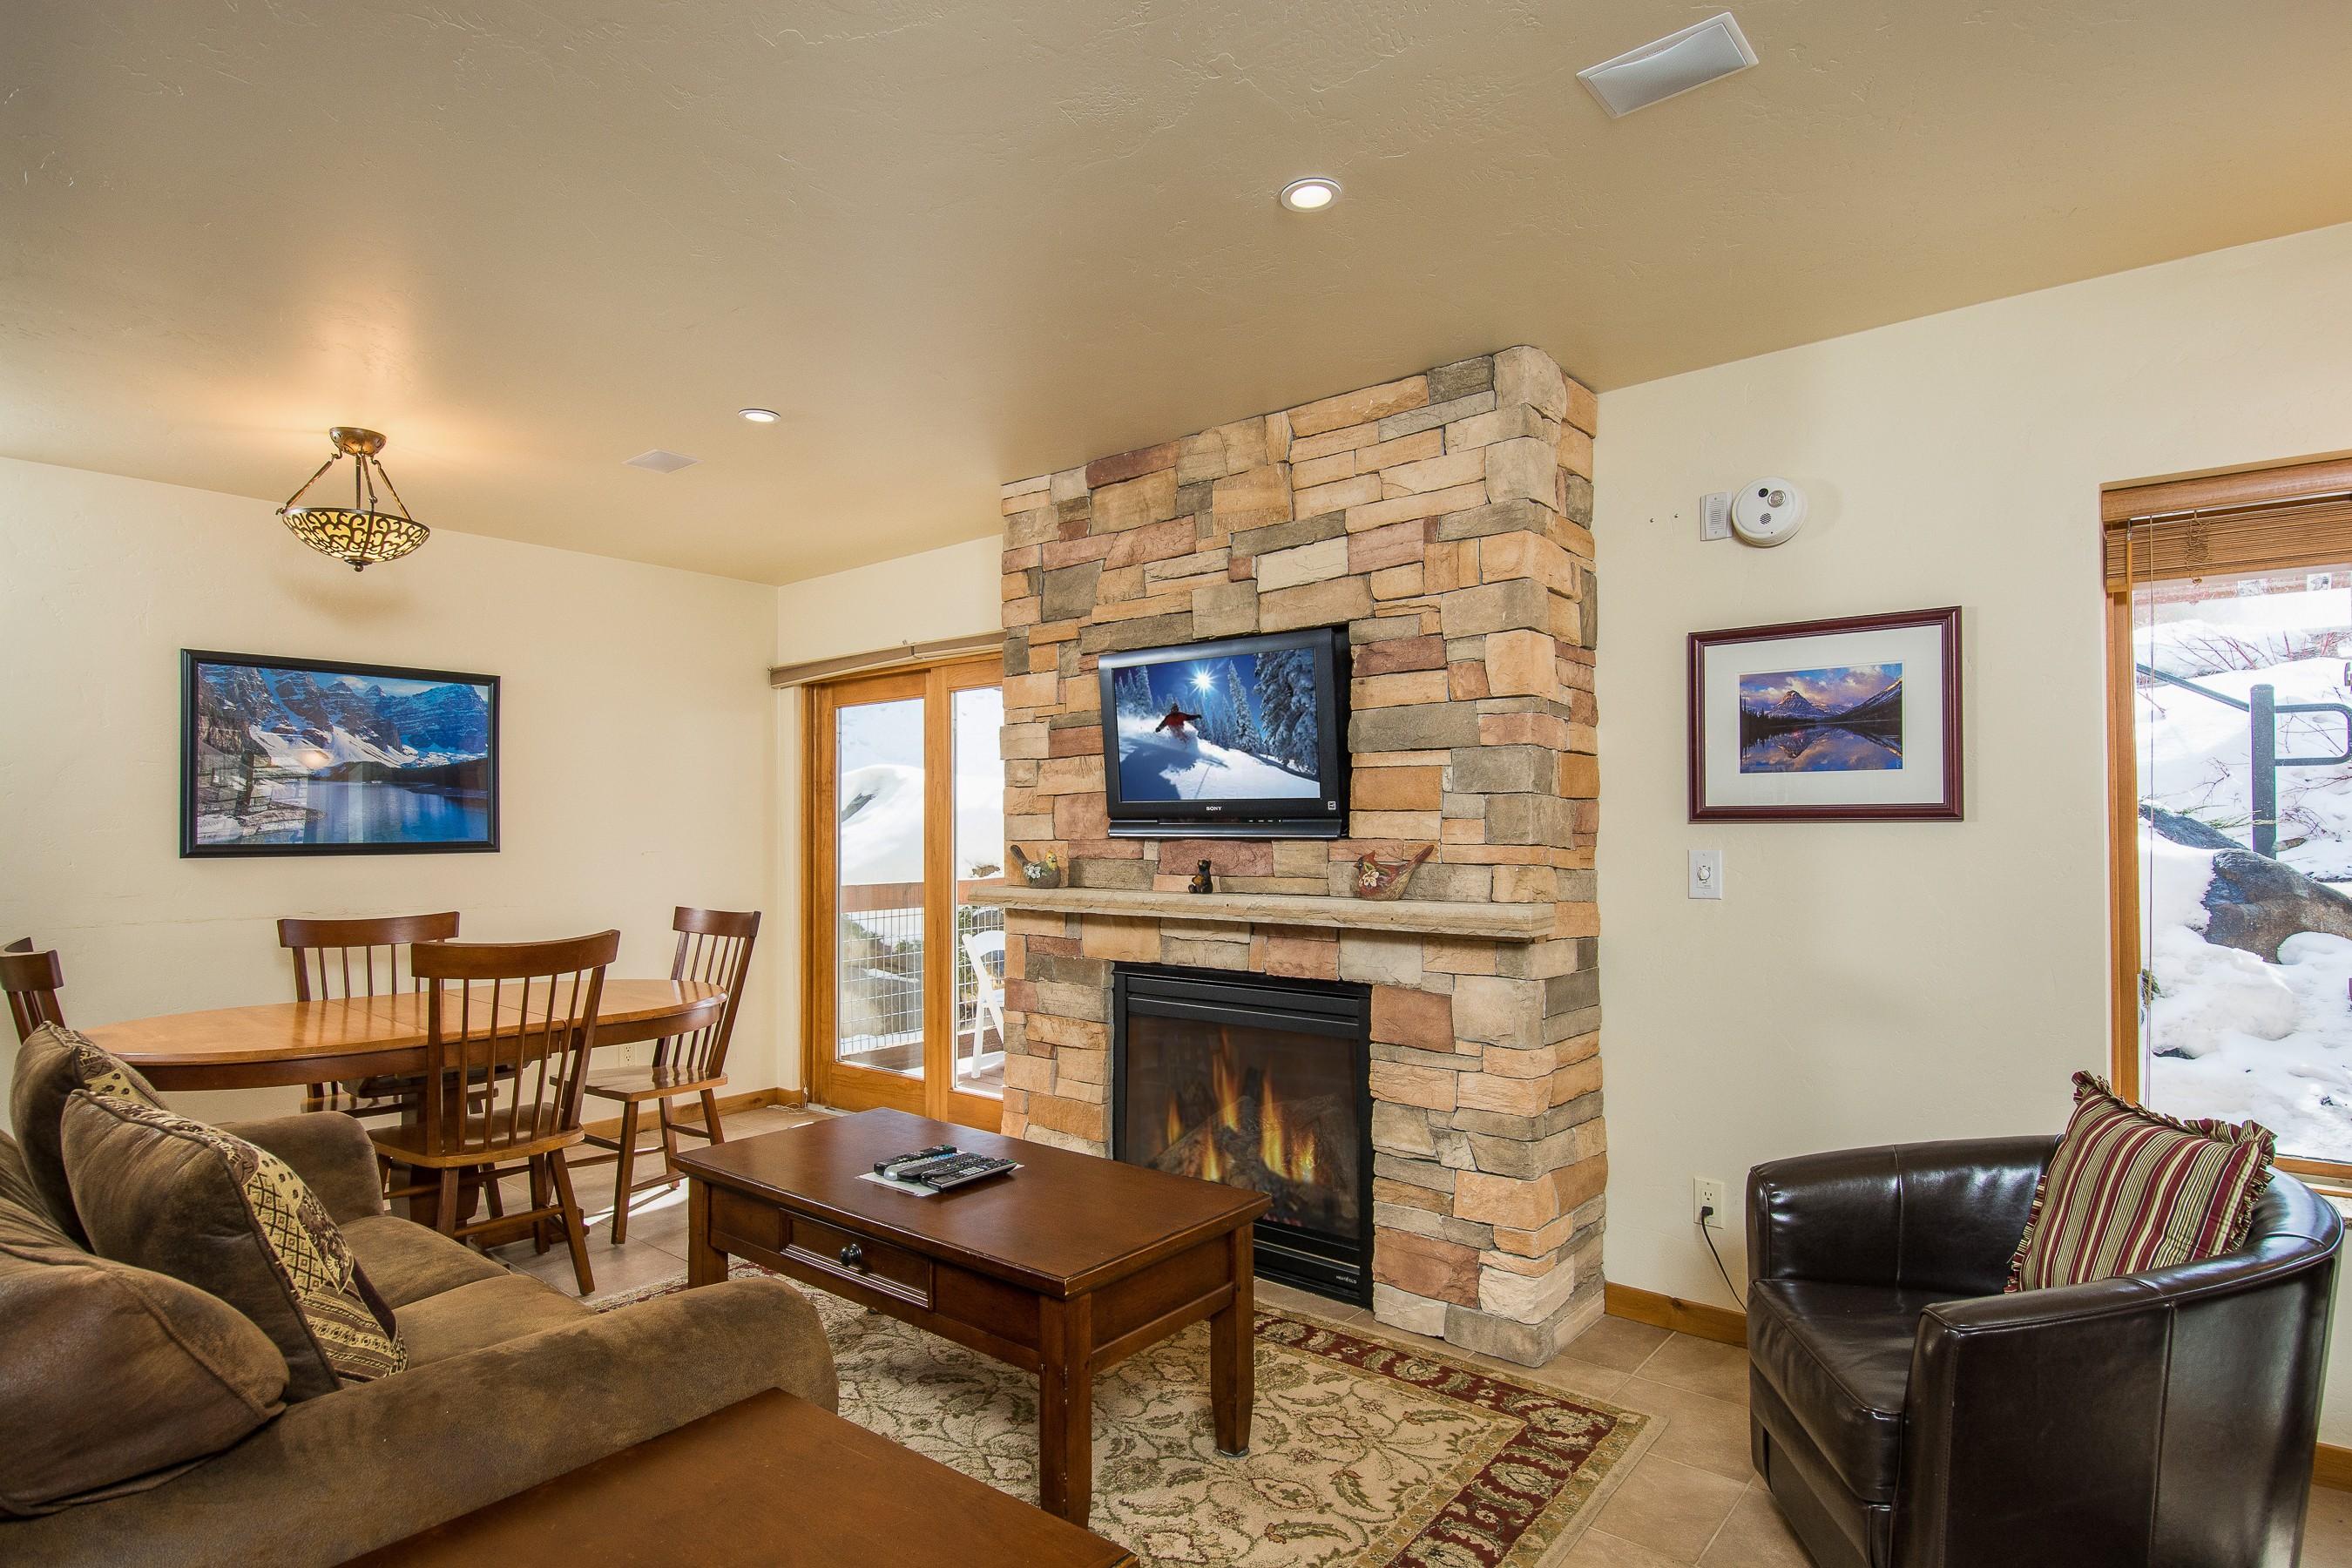 Appartement en copropriété pour l Vente à Walk to Skiing, Shopping, Dining and More... 35 Campground Lane C1 & C2 Unit C1 & C2 Snowmass Village, Colorado, 81615 États-Unis